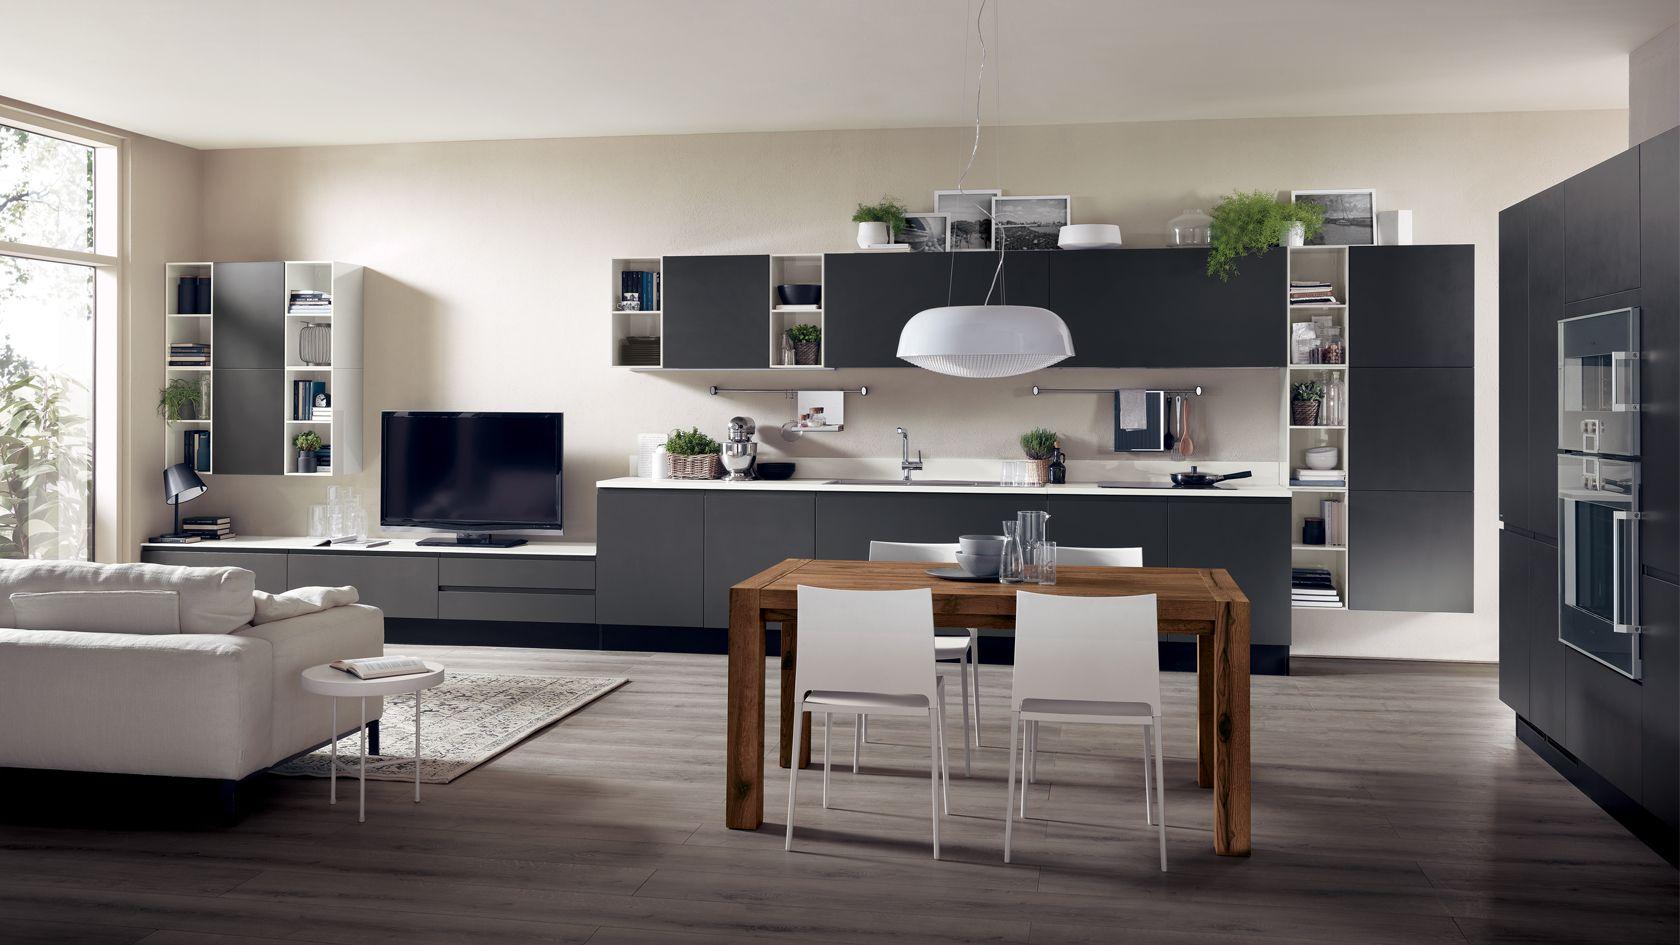 cucina laccata motus | sito ufficiale scavolini | decoracion, Hause ideen